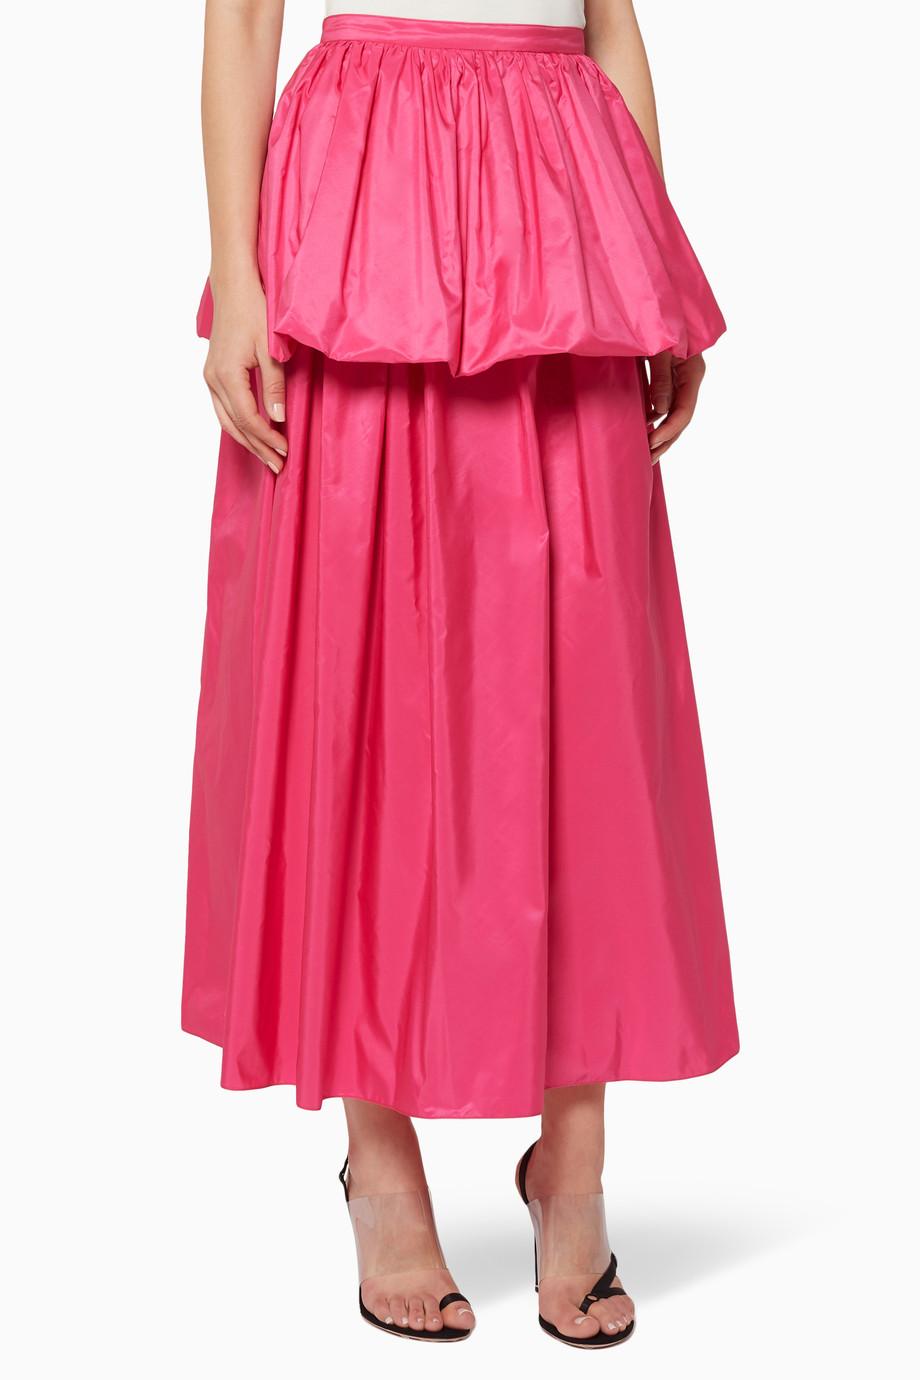 969a109be0 Shop Stella McCartney Pink Pink Noelle Peplum Maxi Skirt for Women ...